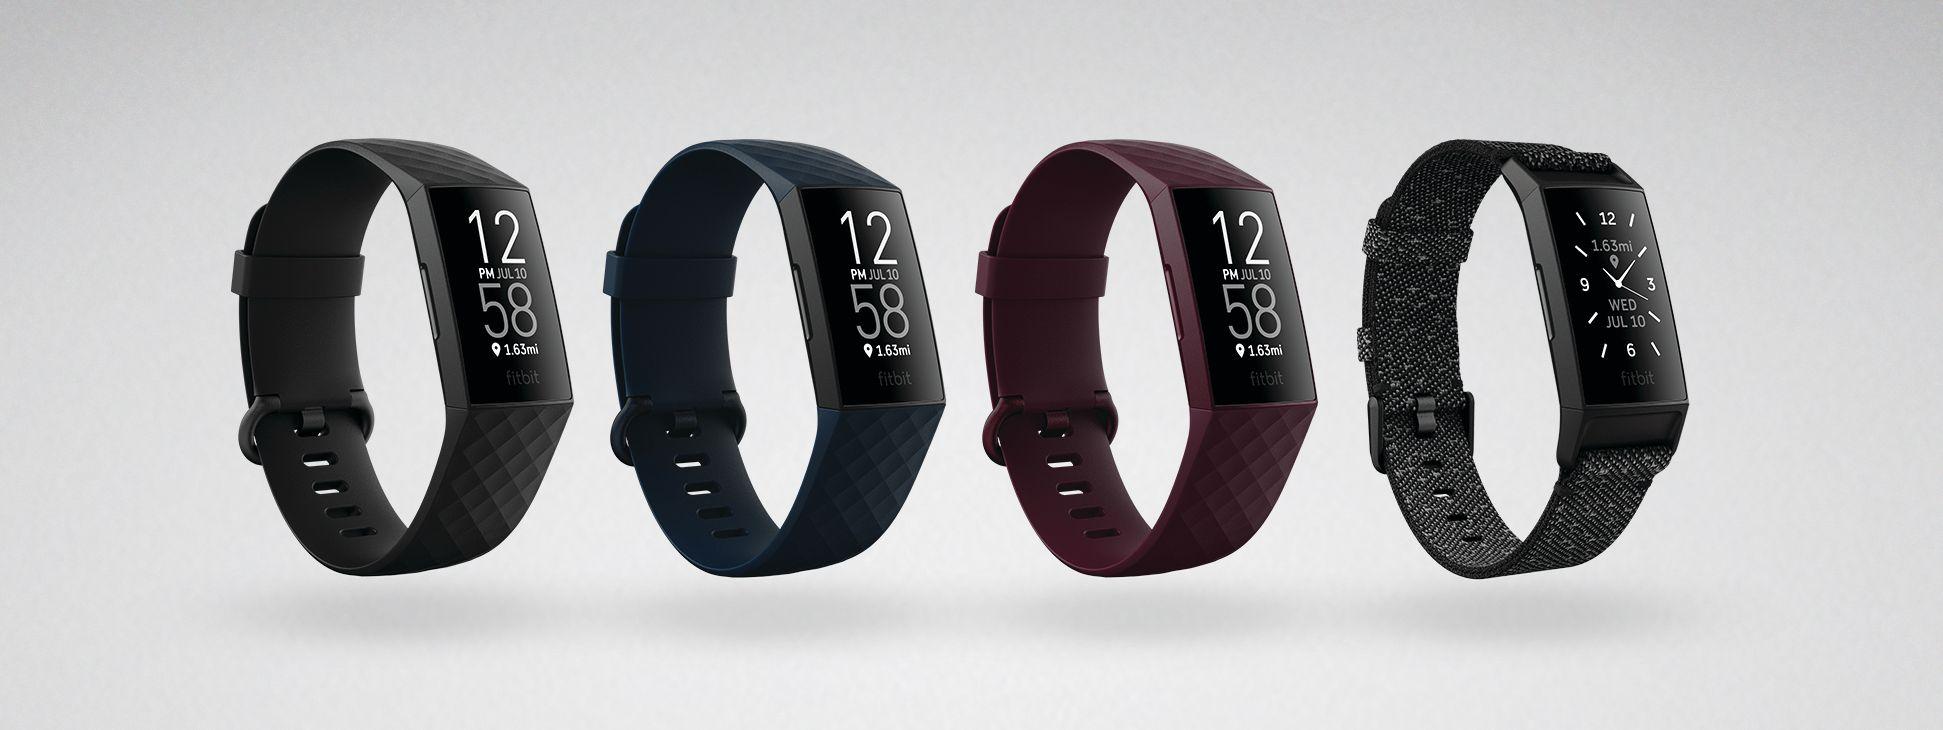 Fitbit Charge 4 kommer i flere ulike farger.